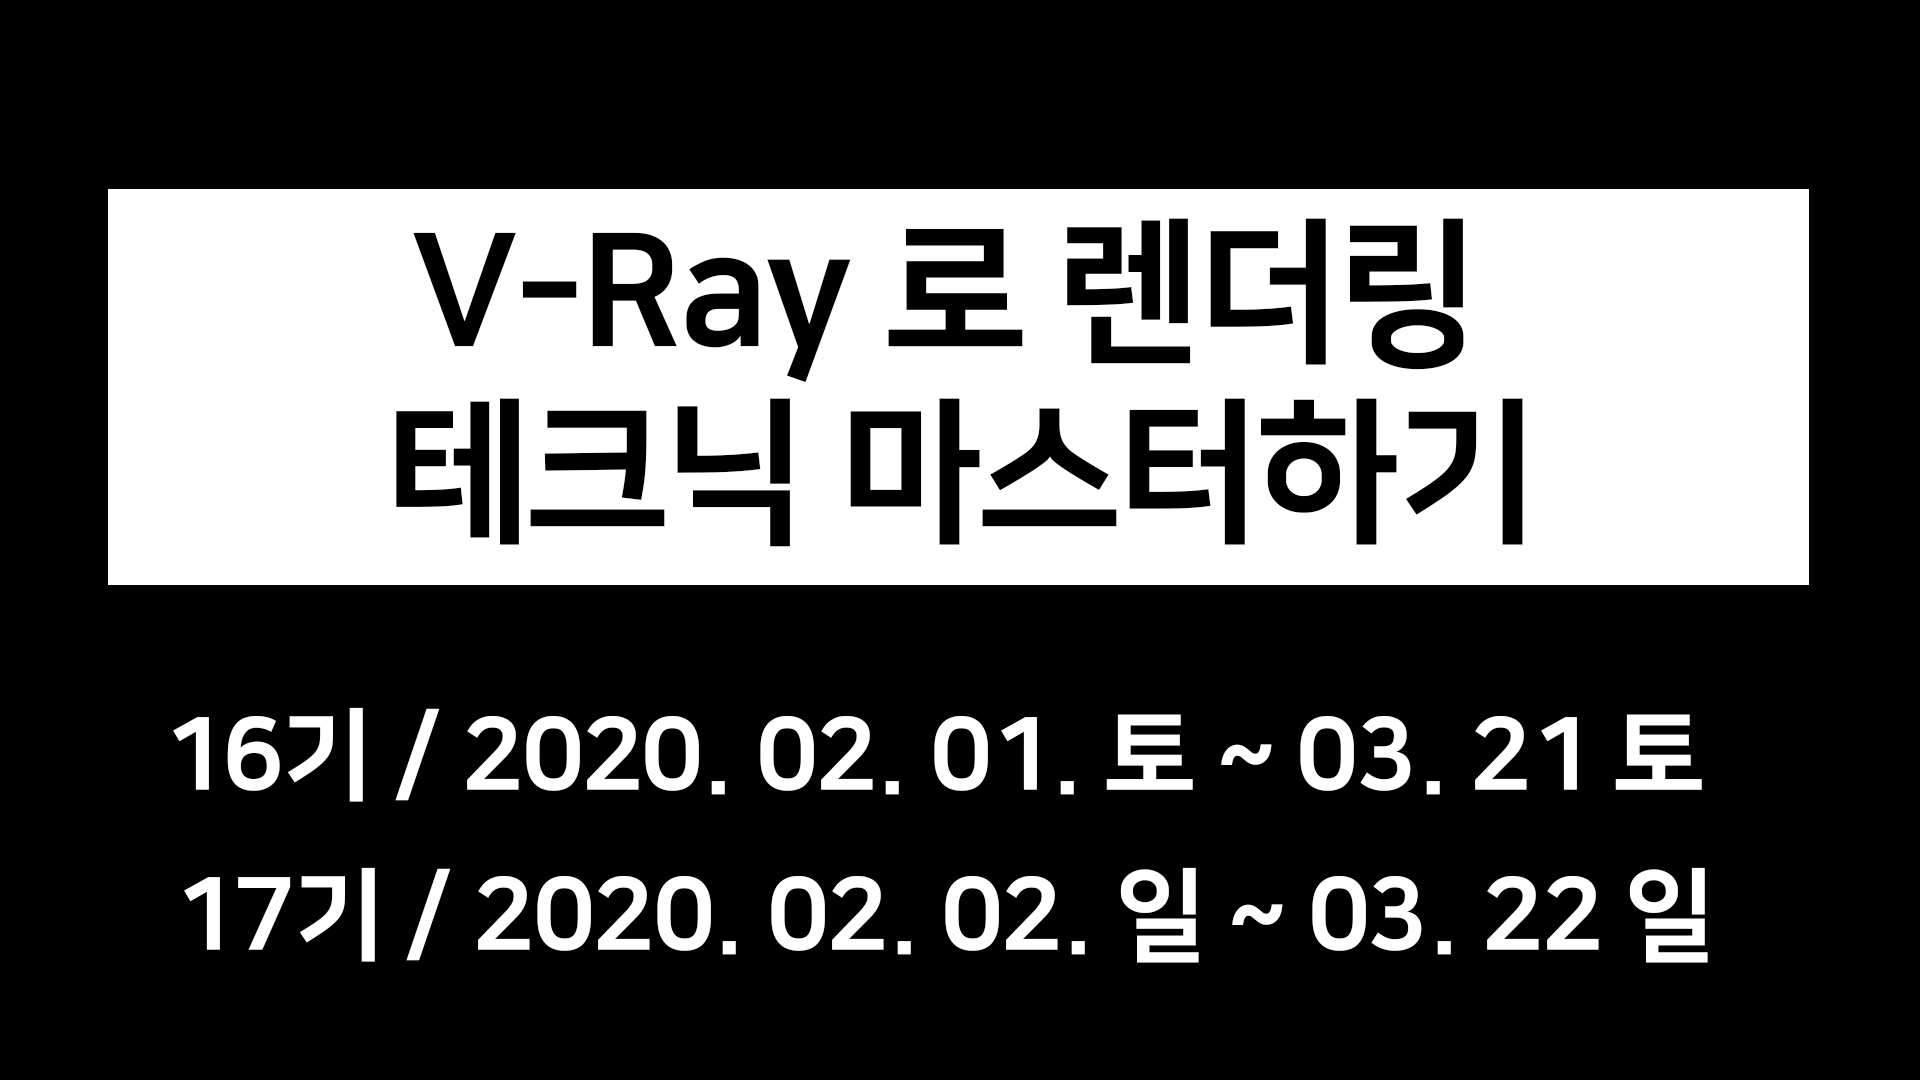 V-ray_Rendering_16_17.jpg